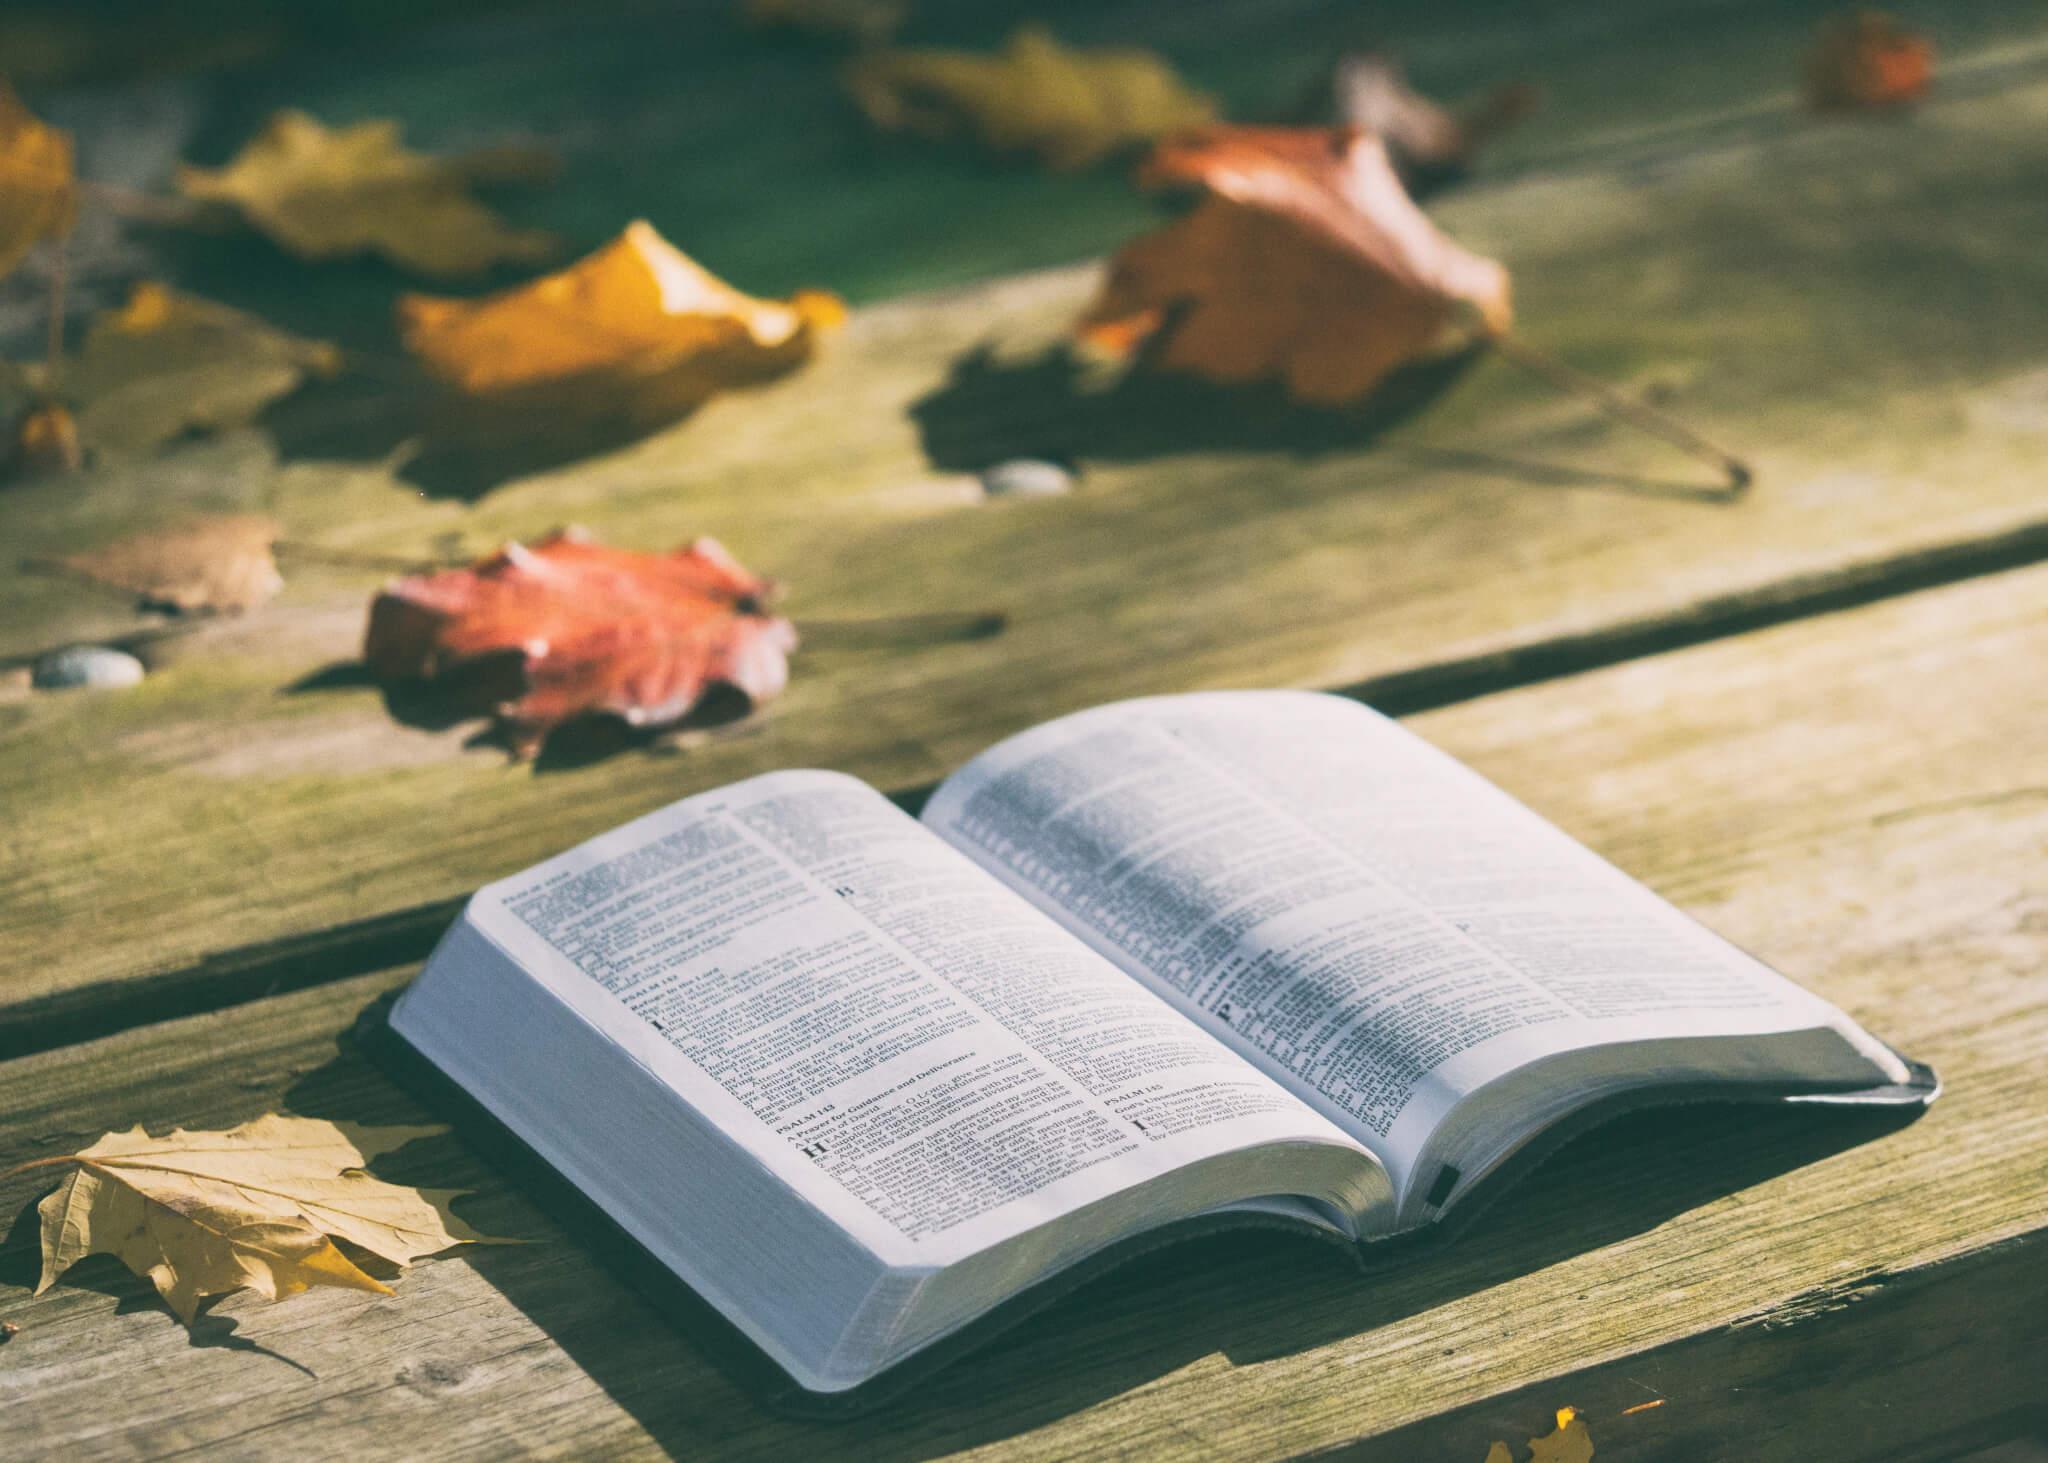 611 – Meditating on God's Word (Joshua 1:8)